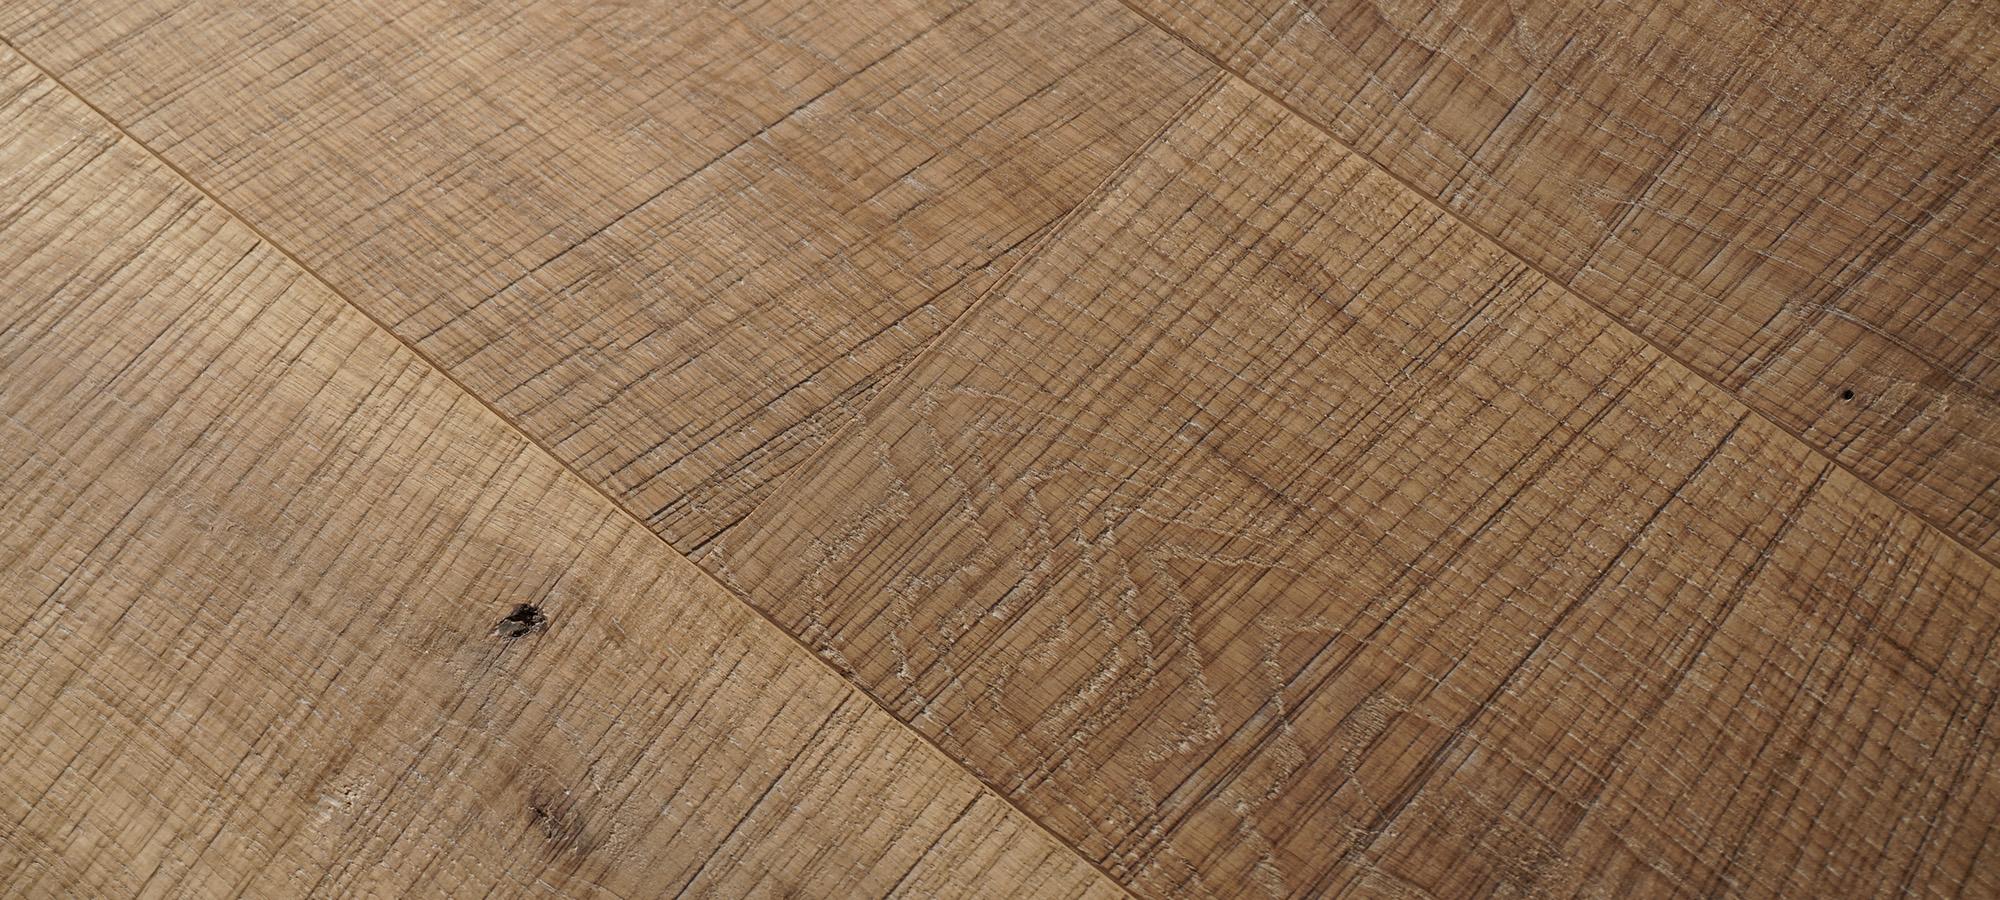 Sawn Surface European Oak Wide Plank Flooring